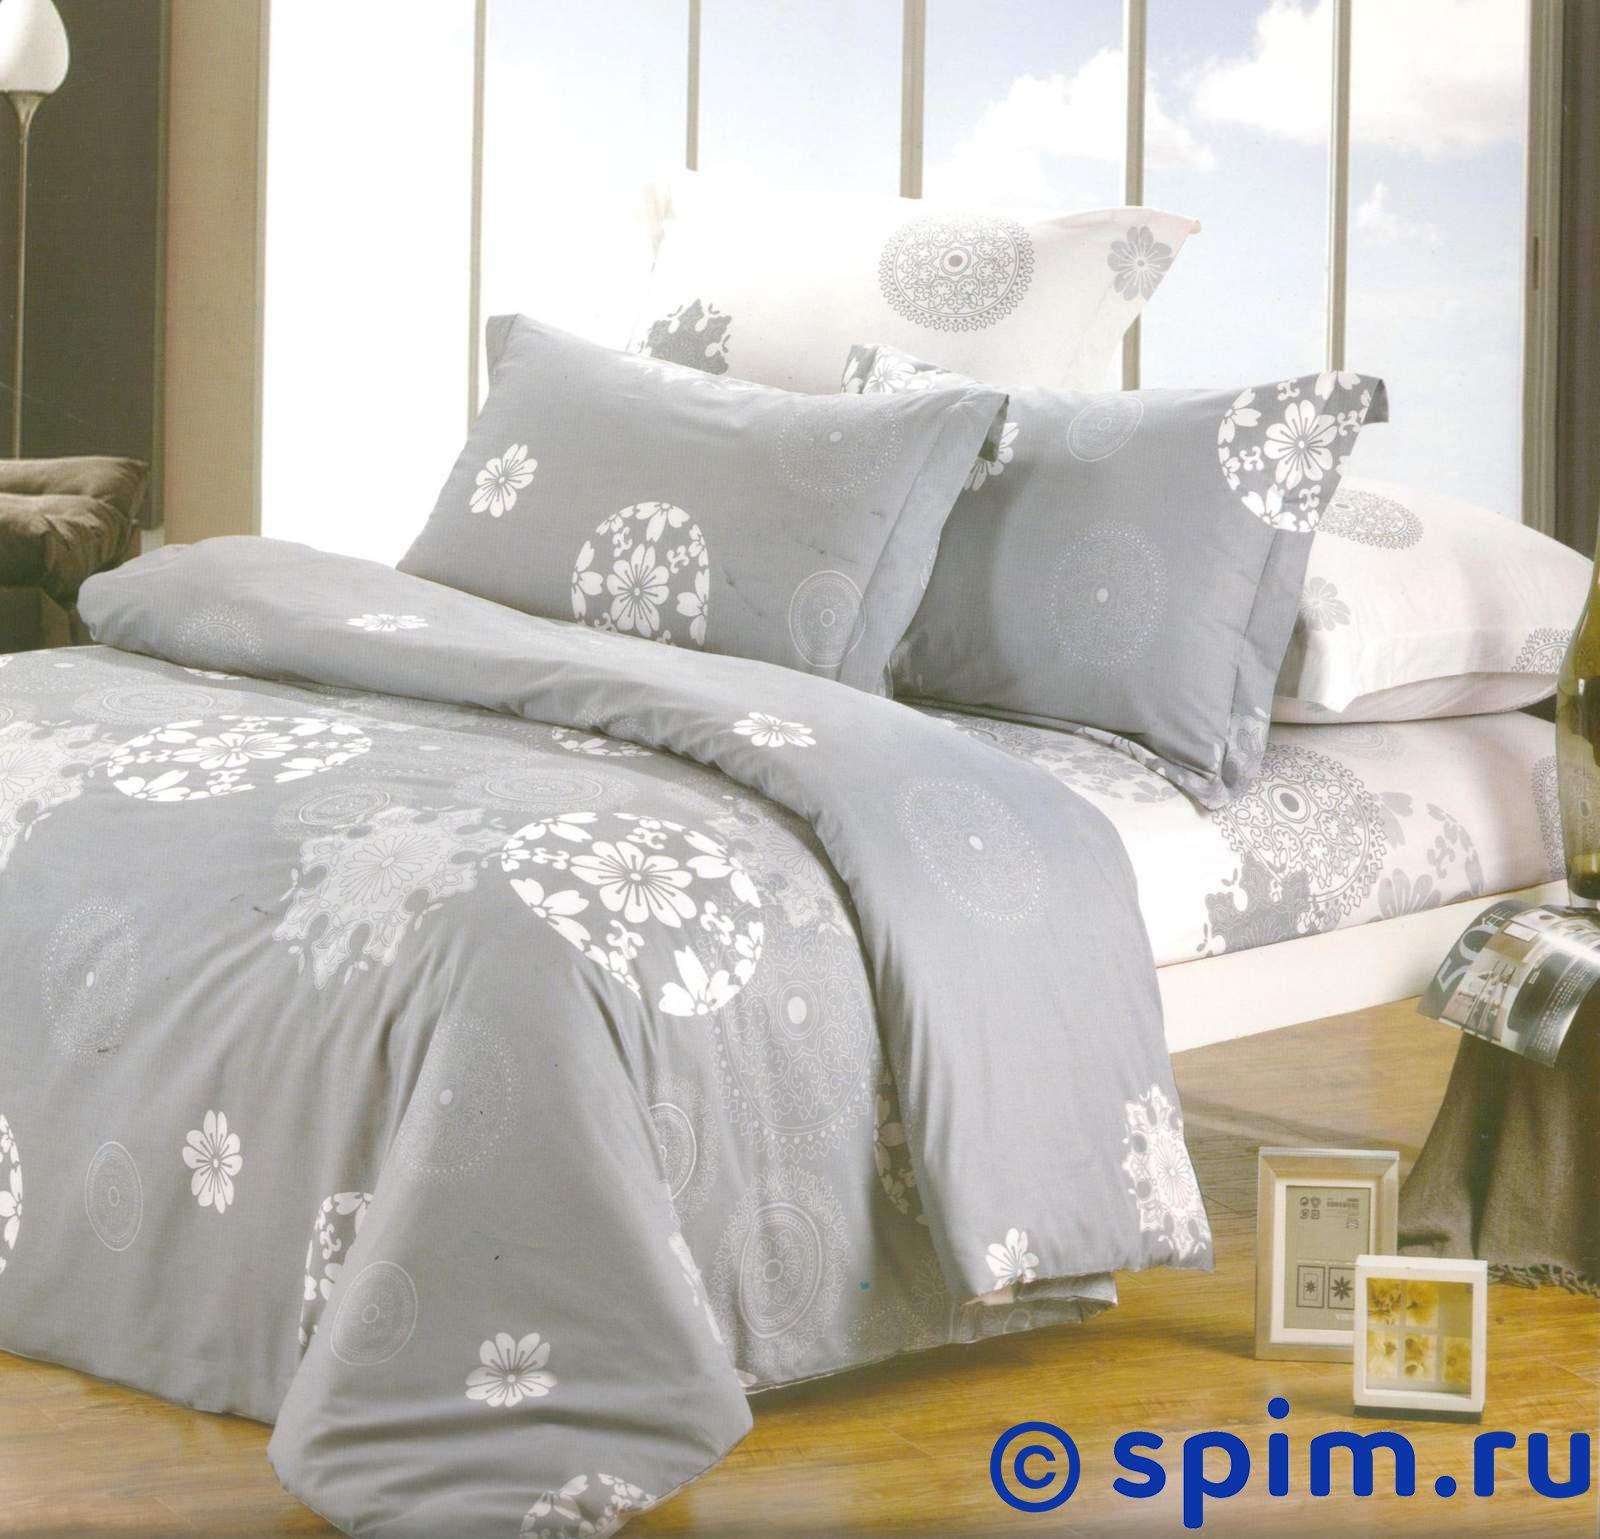 Комплект СайлиД В100 Евро-стандартСатиновое постельное белье СайлиД<br>Материал: 100% хлопок (печатный сатин). Плотность, г/м2: 130. Размер Sailid Б: Евро-стандарт<br><br>Размер: Евро-стандарт